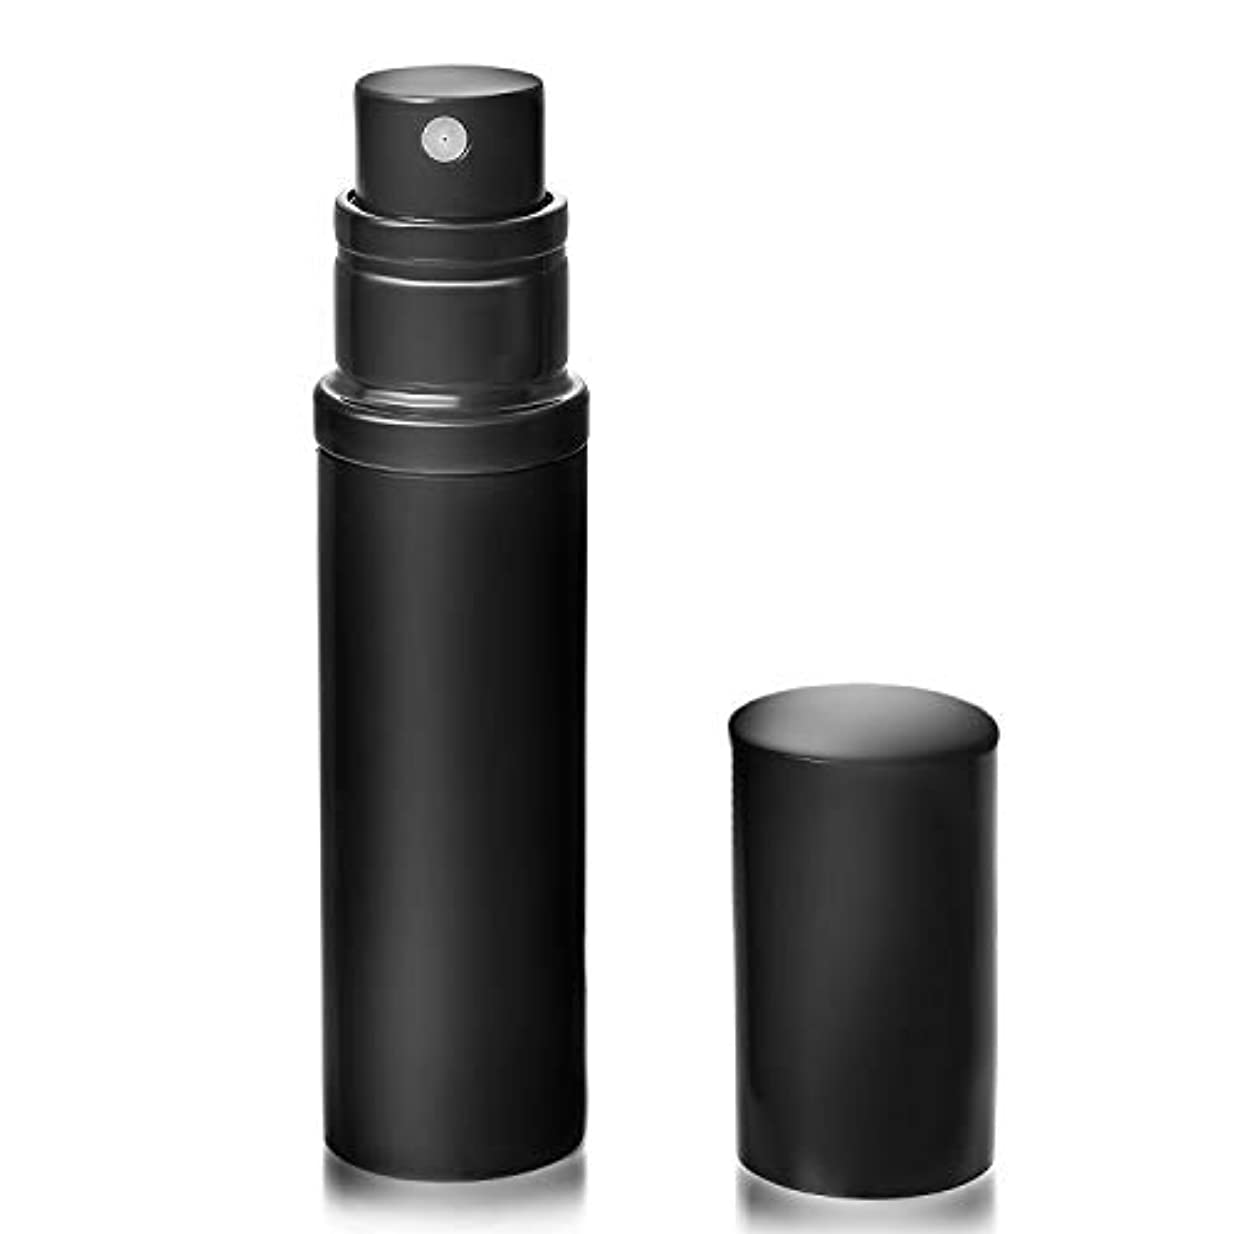 上院議員小説ルネッサンスアトマイザ- 香水 クイックアトマイザー ワンタッチ 入れ物 簡単 持ち運び 詰め替え ポータブルクイック 容器 香水噴霧器 ブラック YOOMARO